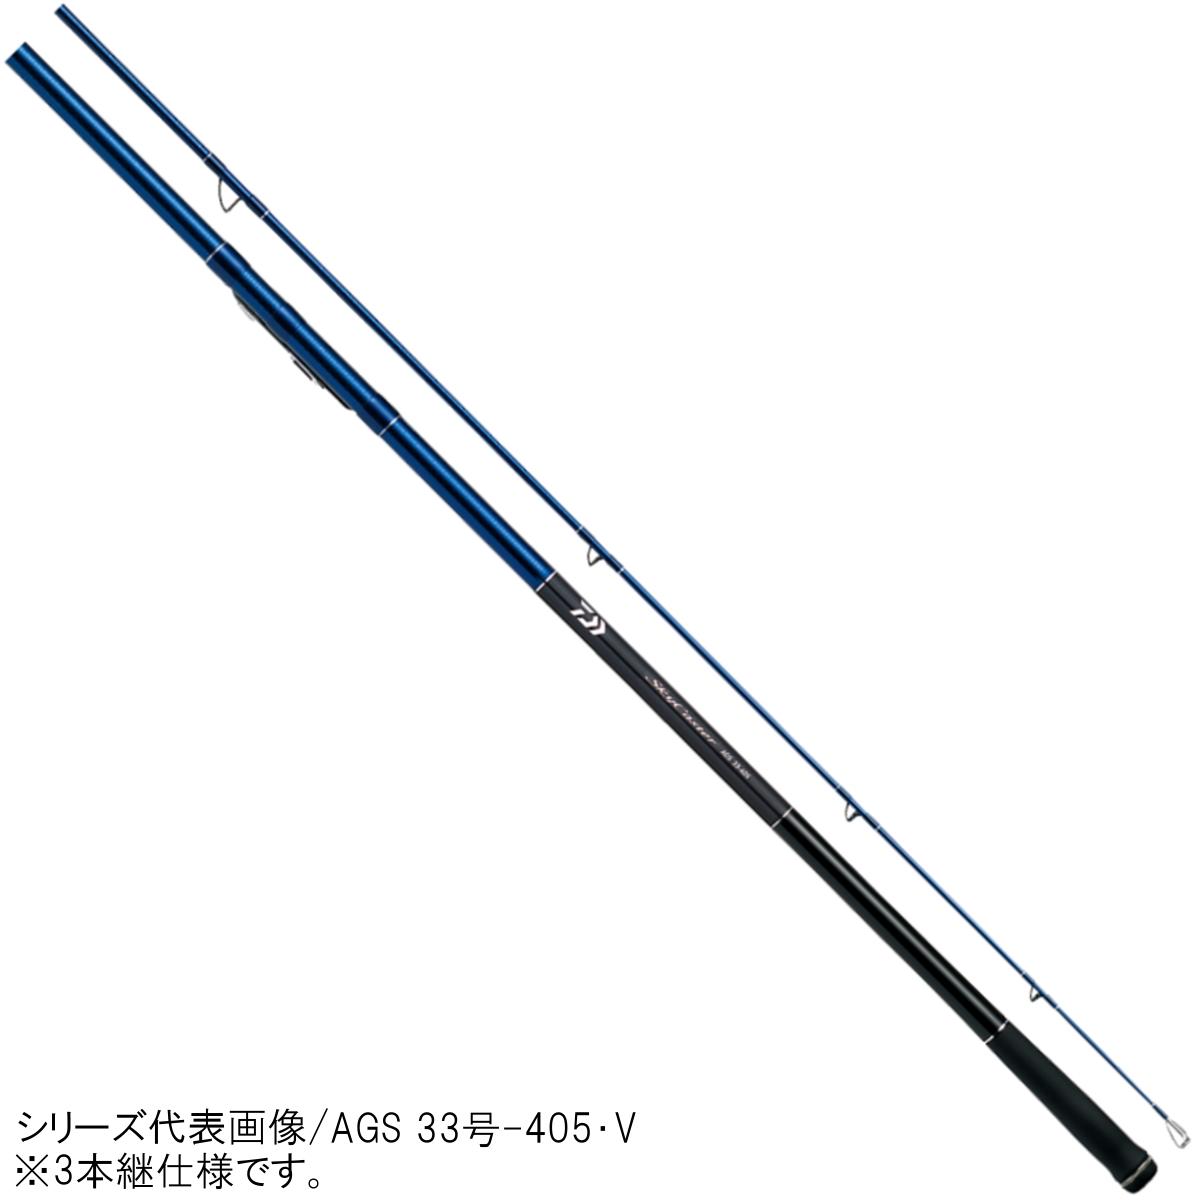 ダイワ スカイキャスター AGS 27号-385・V【大型商品】【送料無料】